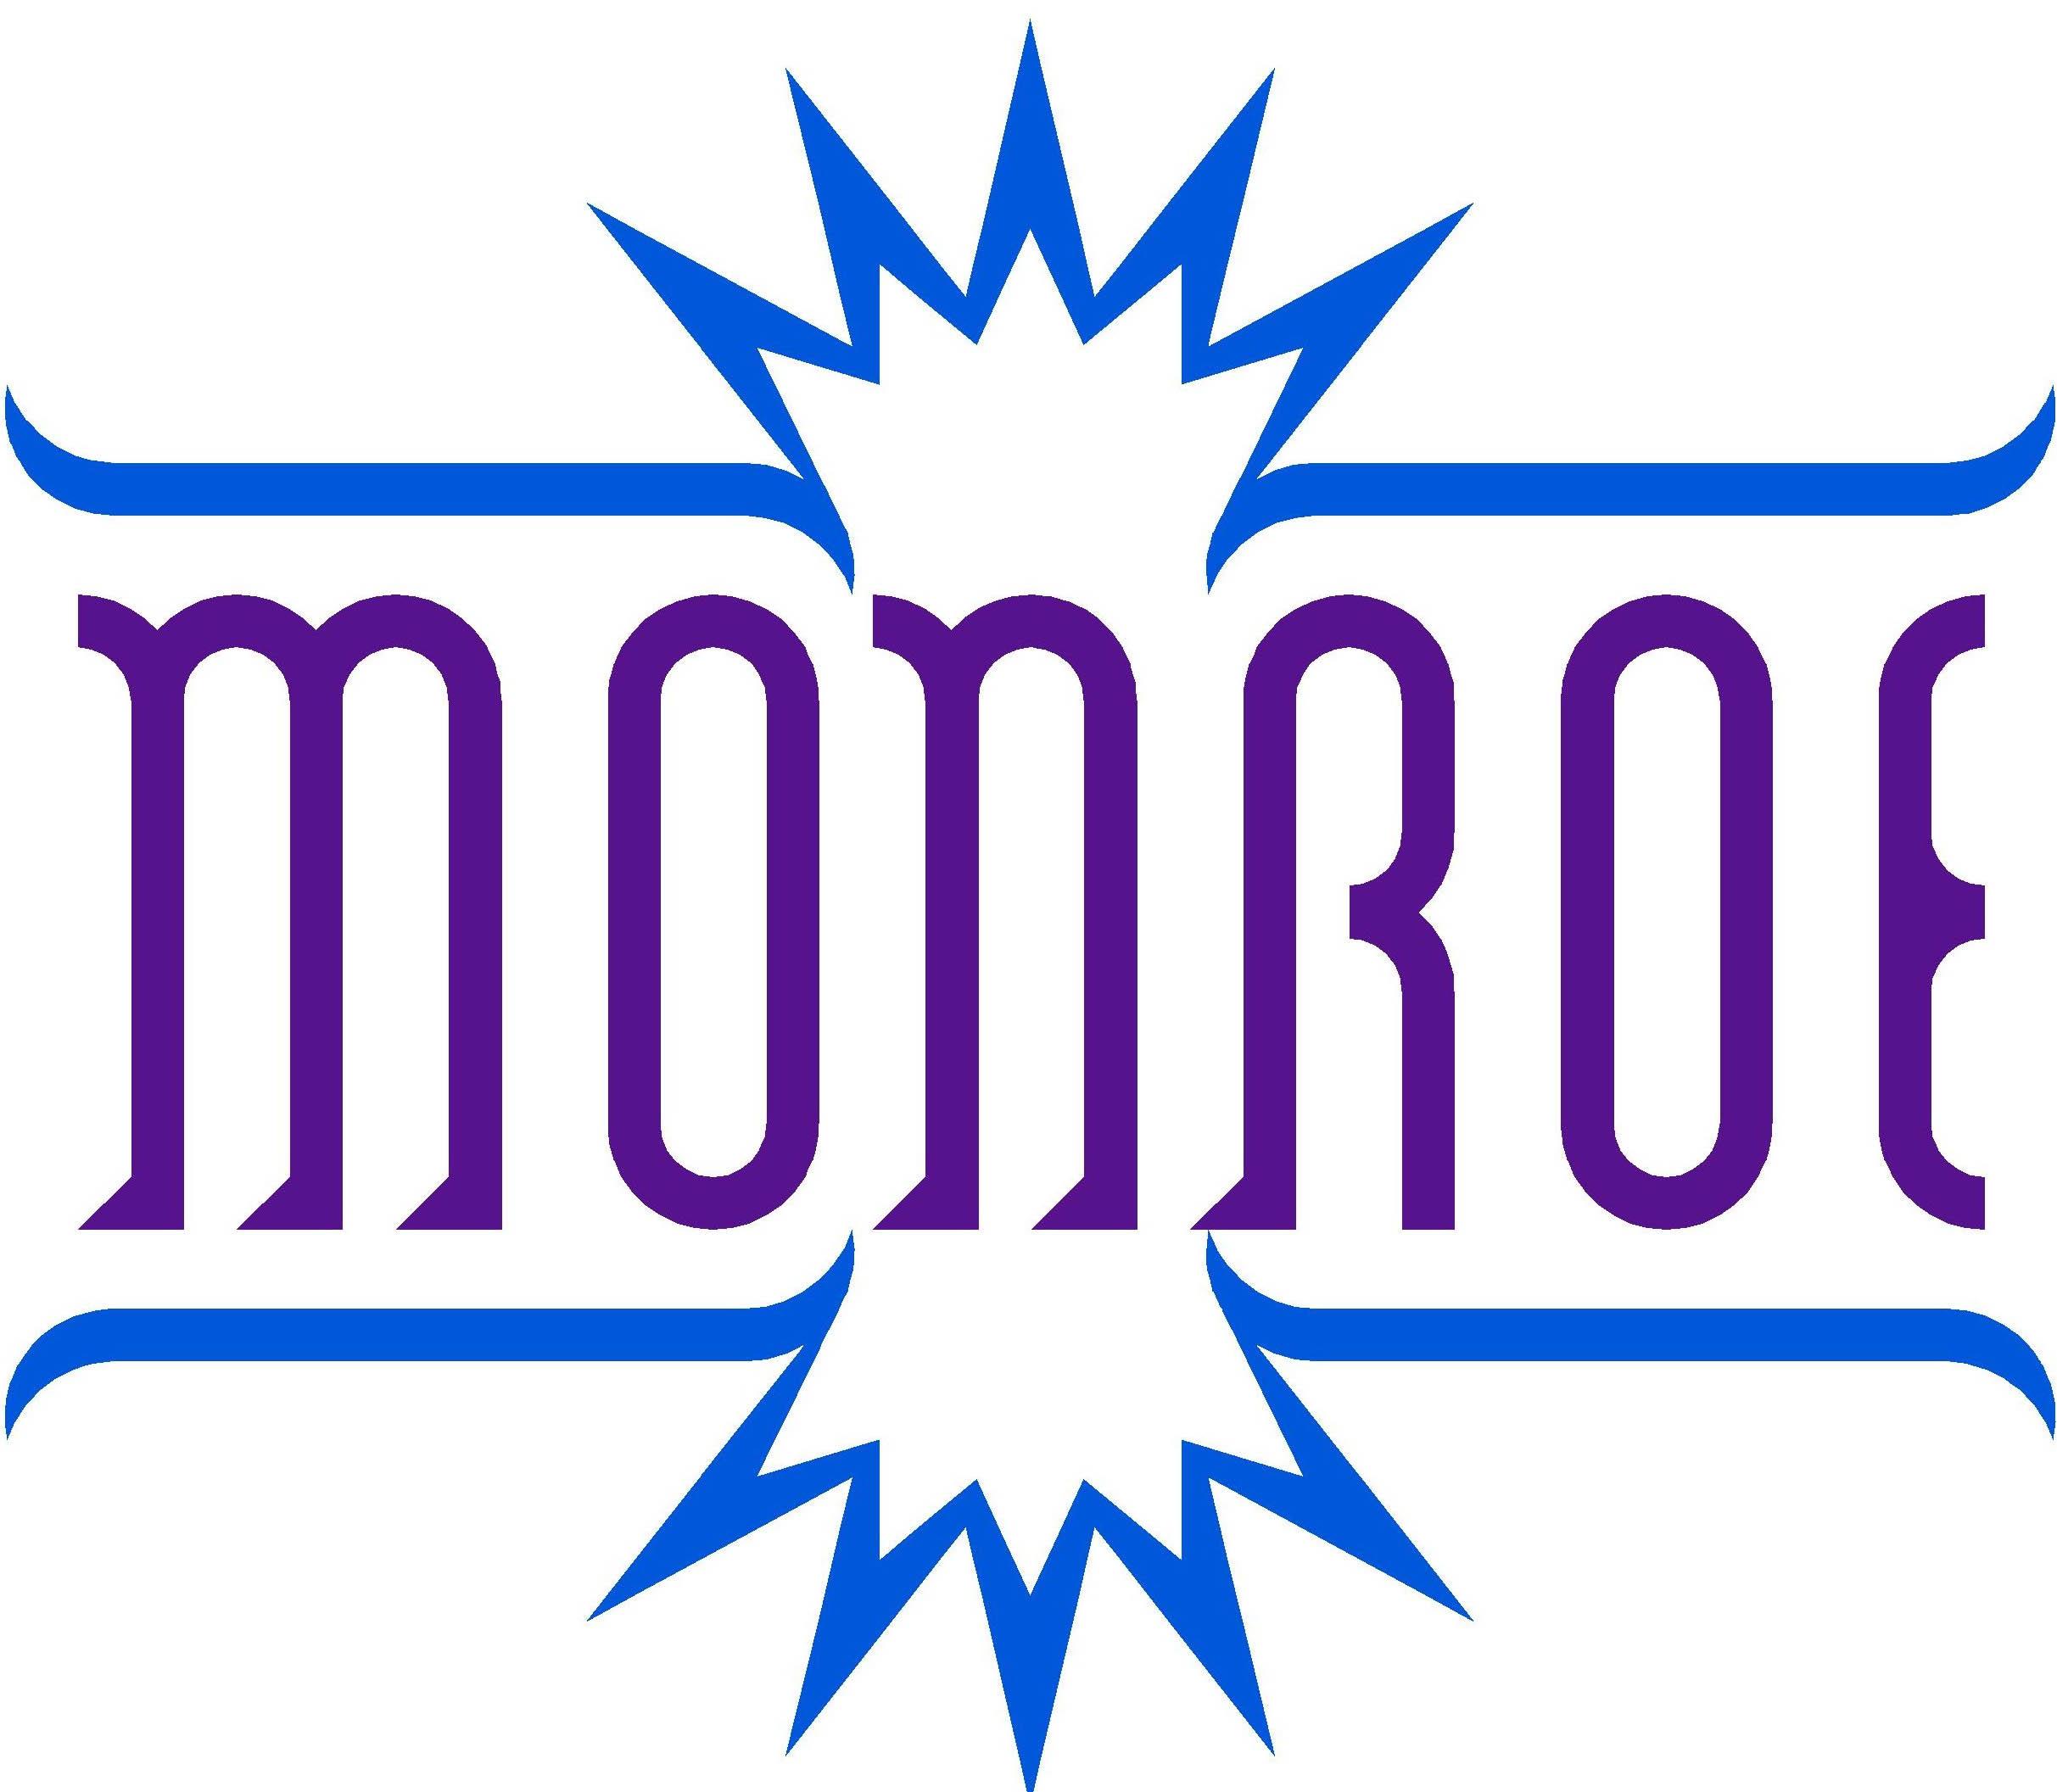 Monroe.jpg